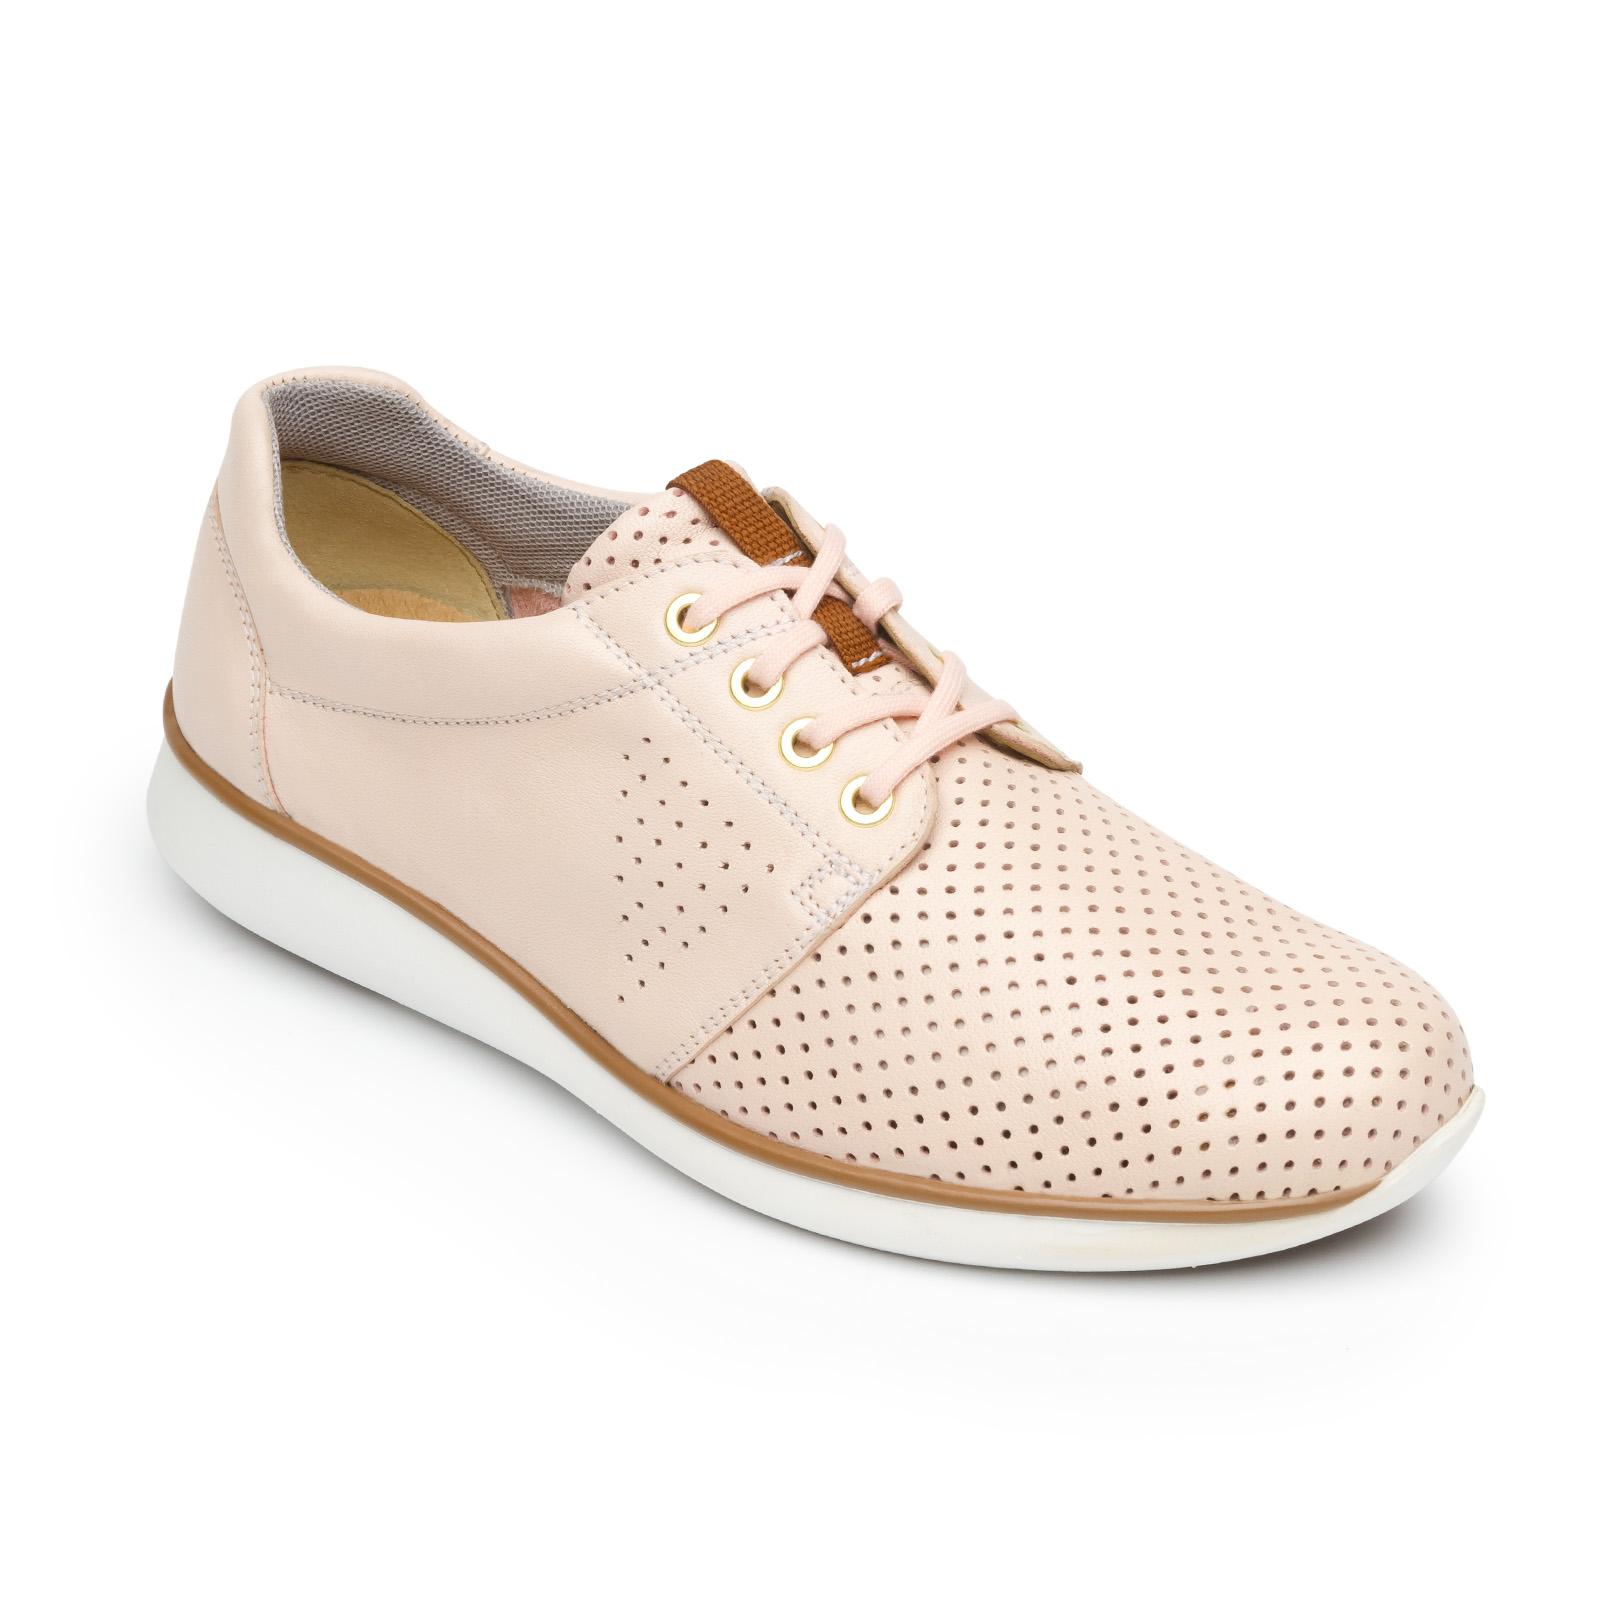 Loreta 28206 In Rose Womens Sneakers Flexi Shoes